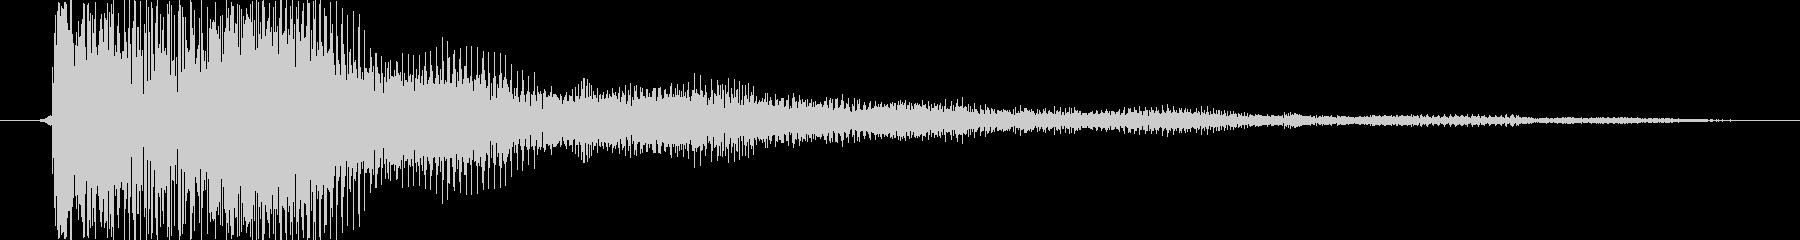 弱_スイッチ_メダルイン系_03の未再生の波形